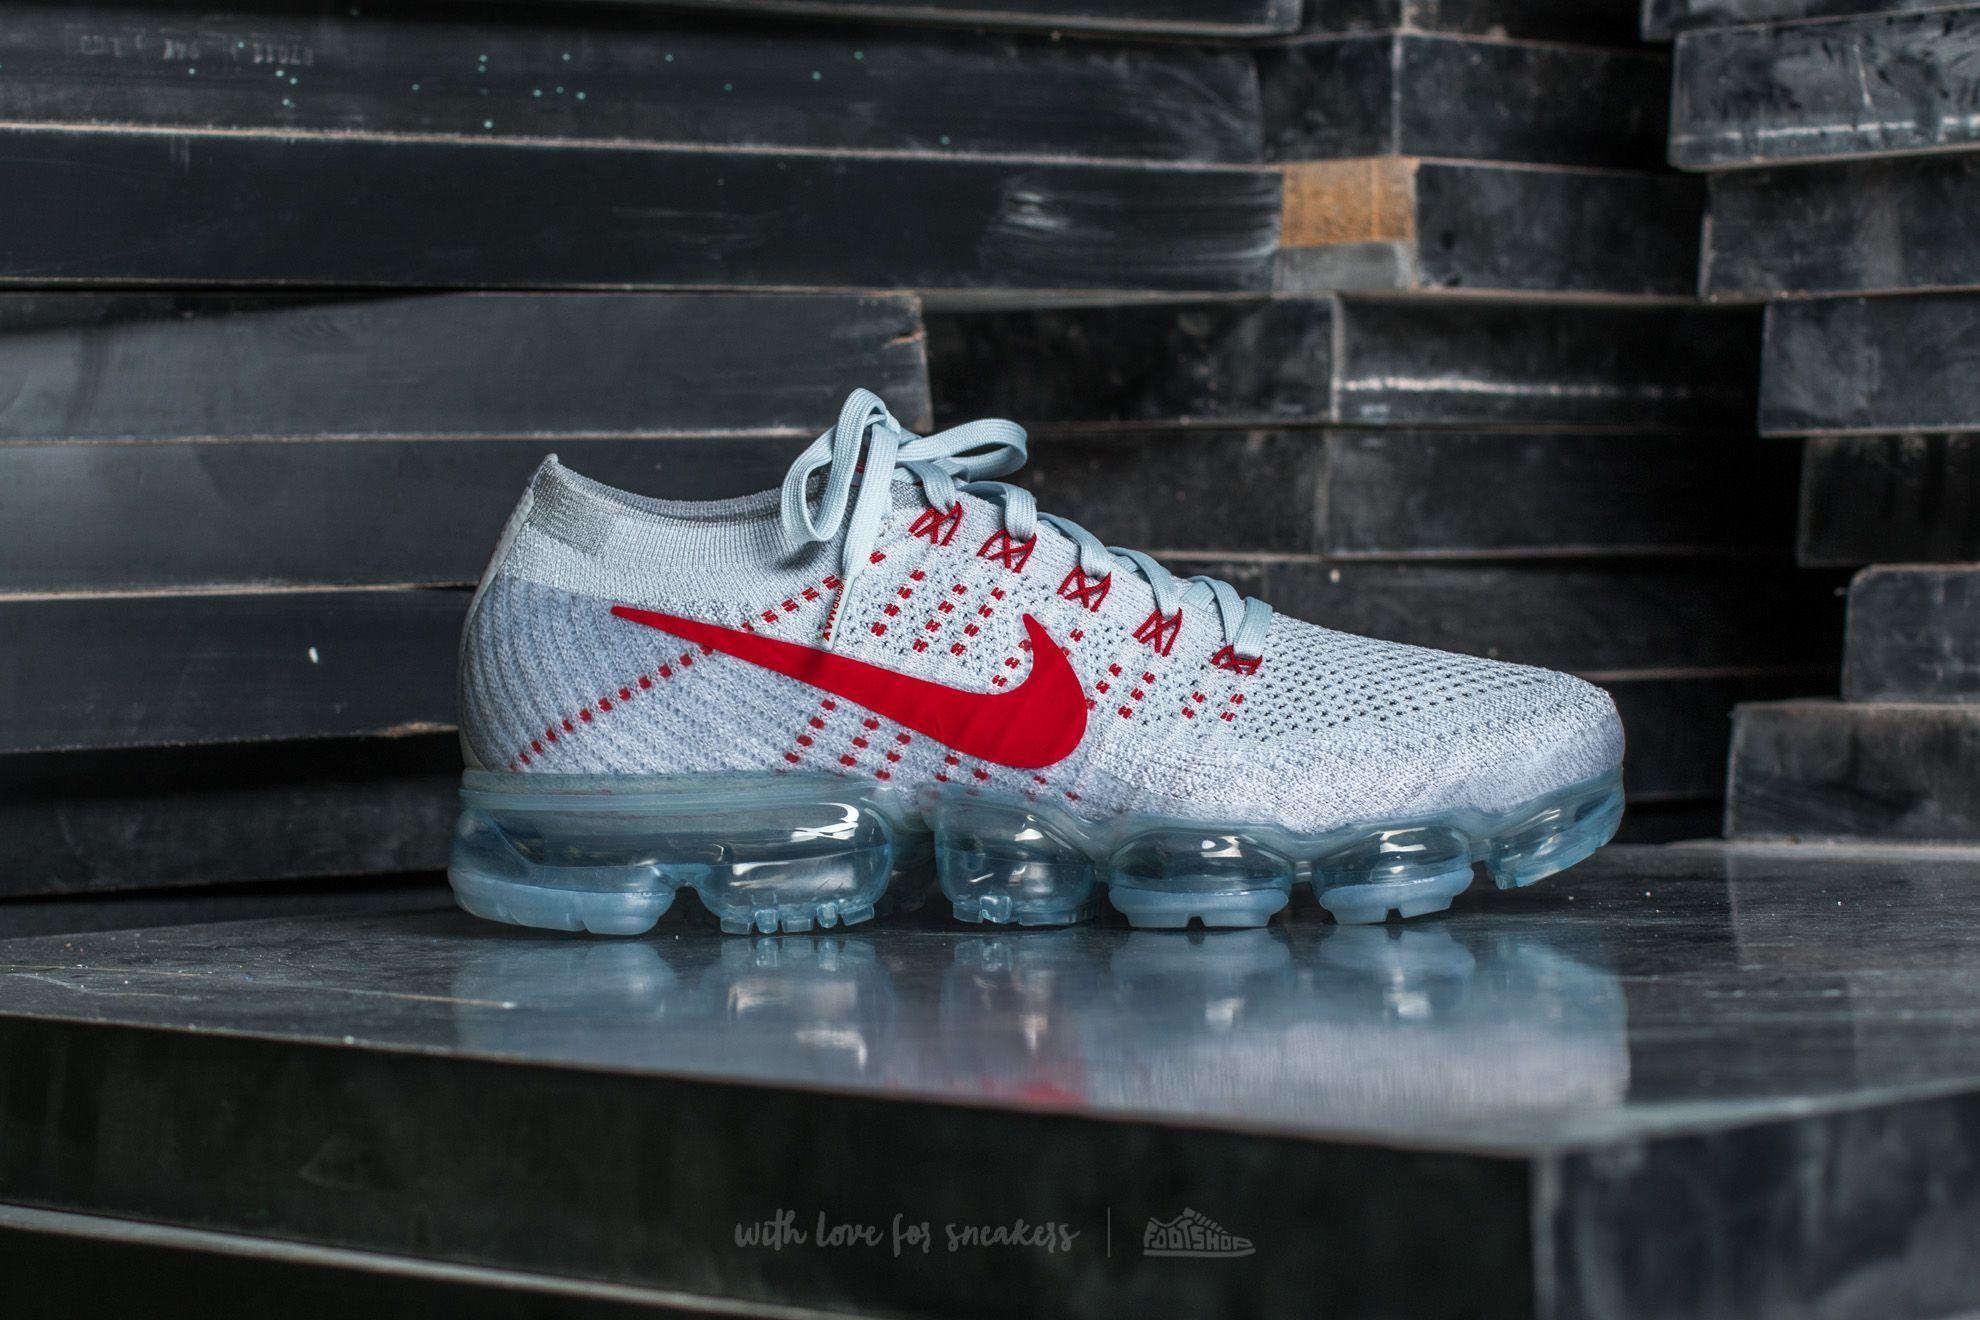 online retailer e9aa4 a5332 Nike Air Vapormax Flyknit Pure Platinum  University Red pour le meilleur  prix 211 € acheter sur Footshop